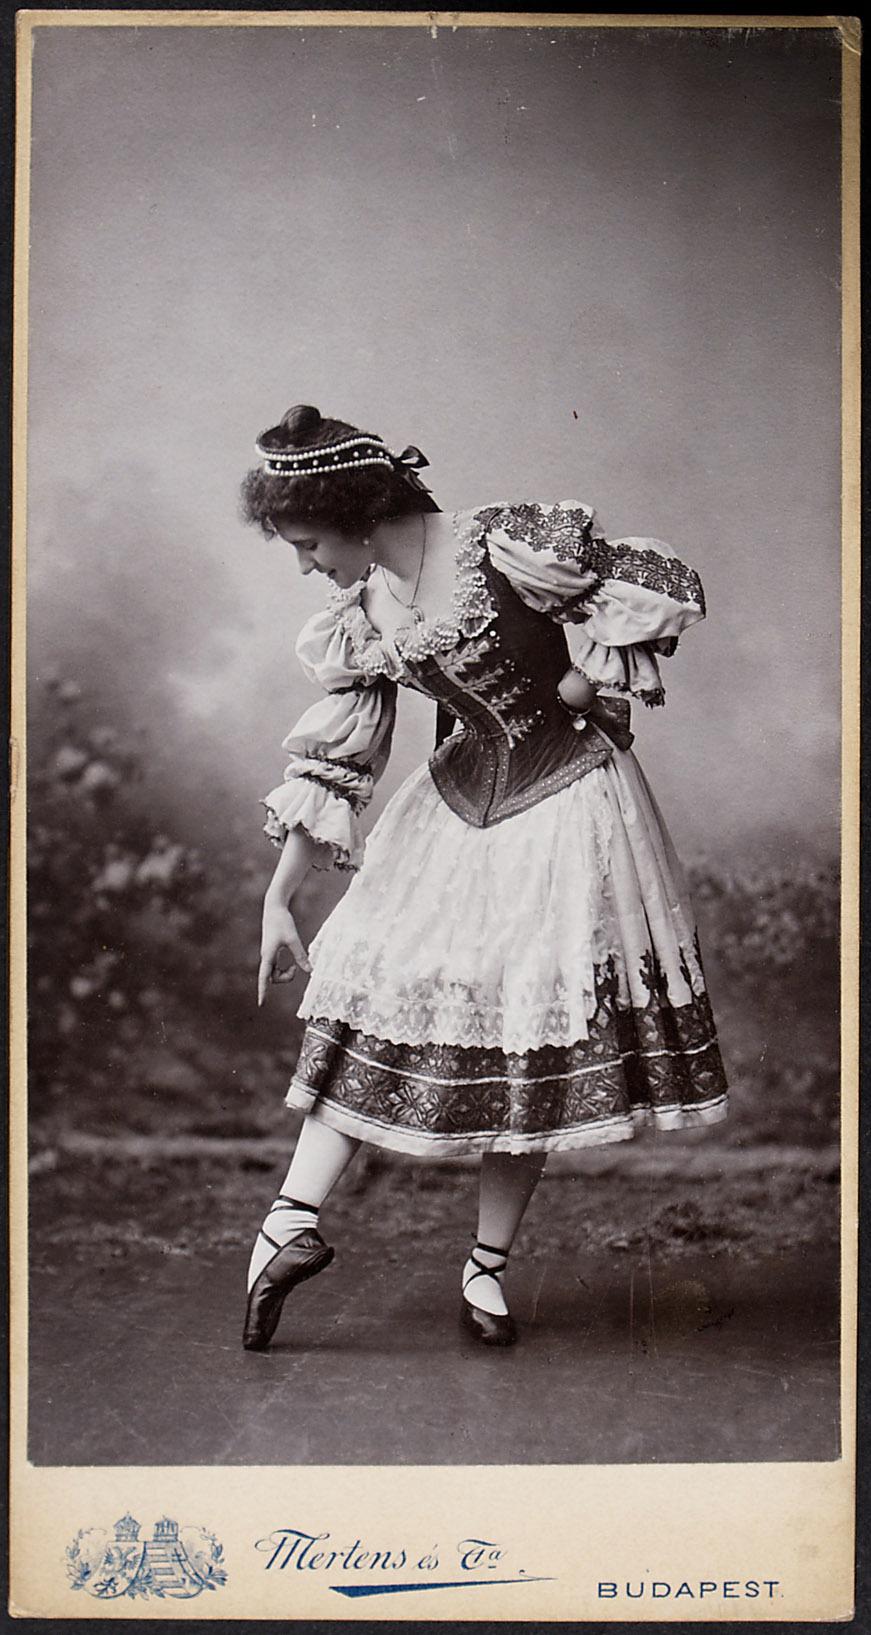 Antoinette Barbieri von Antoinette Barbieri